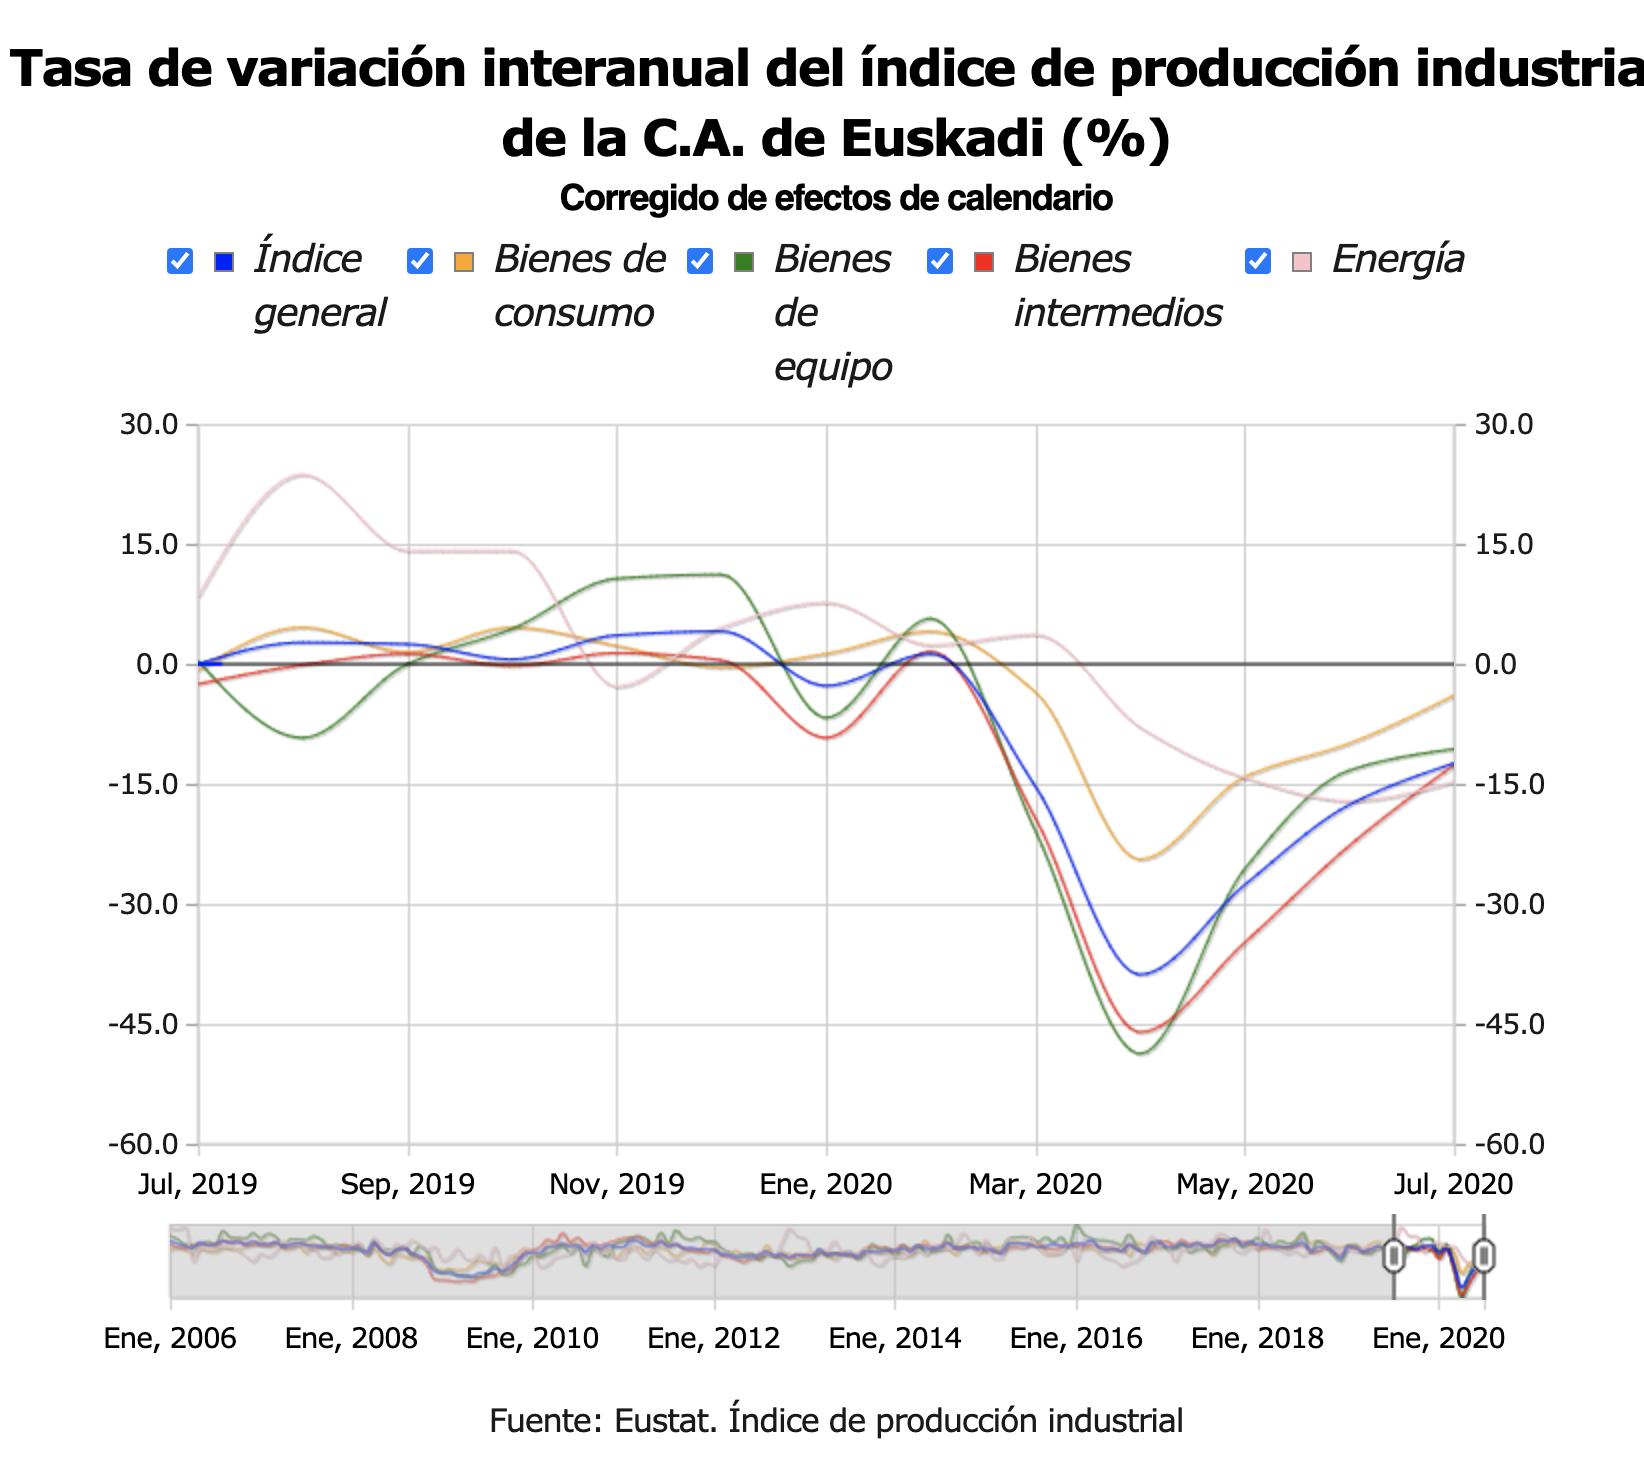 La actividad industrial de la C.A. de Euskadi desciende un 12,4% en julio de 2020 1